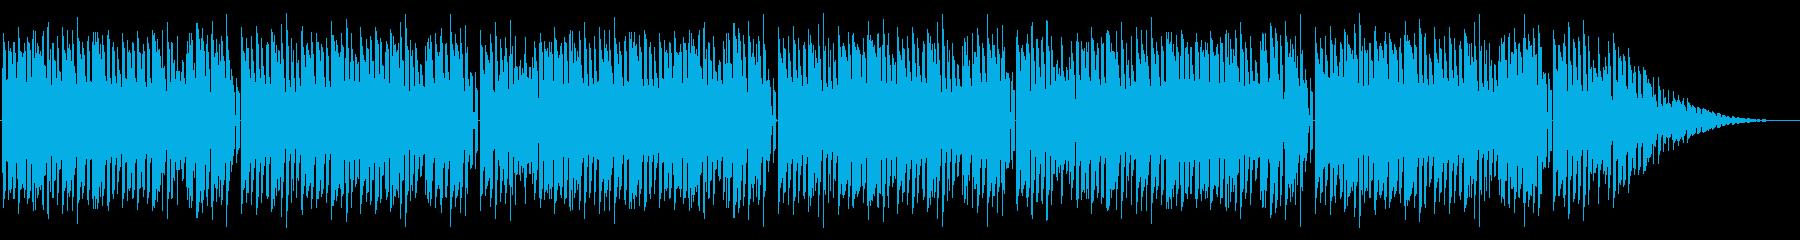 NES アクションD08-1(エンディンの再生済みの波形